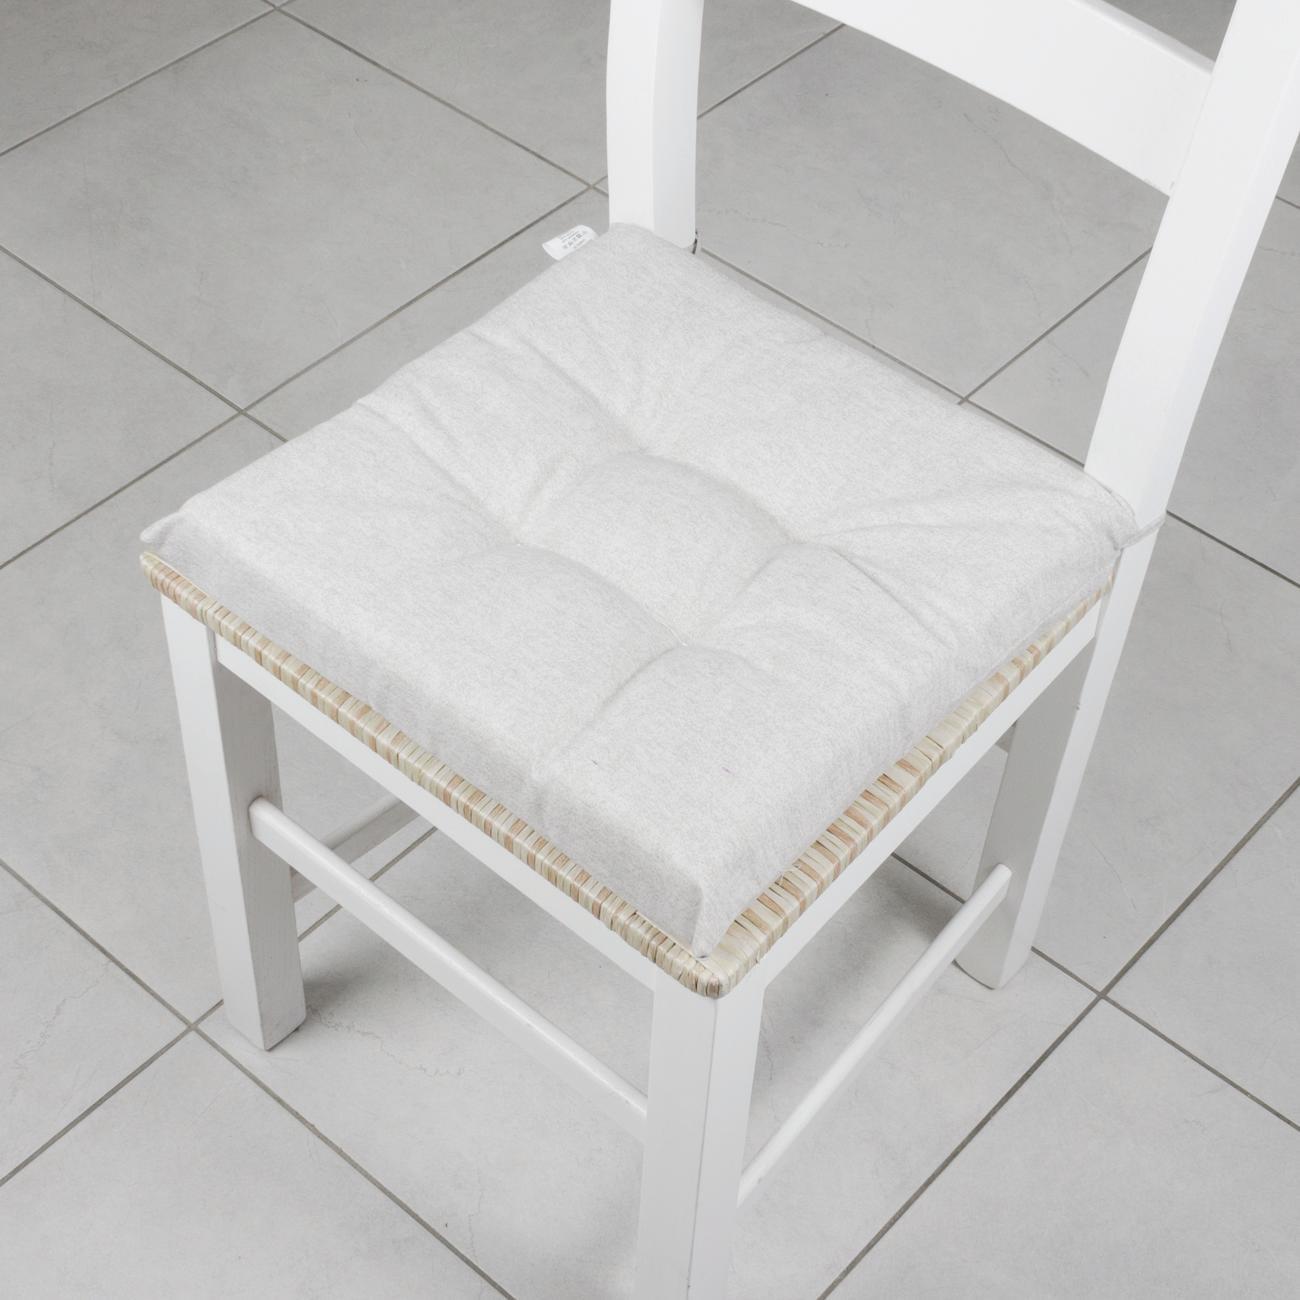 Cuscino per sedia Carlo grigio 40x40 cm - 2